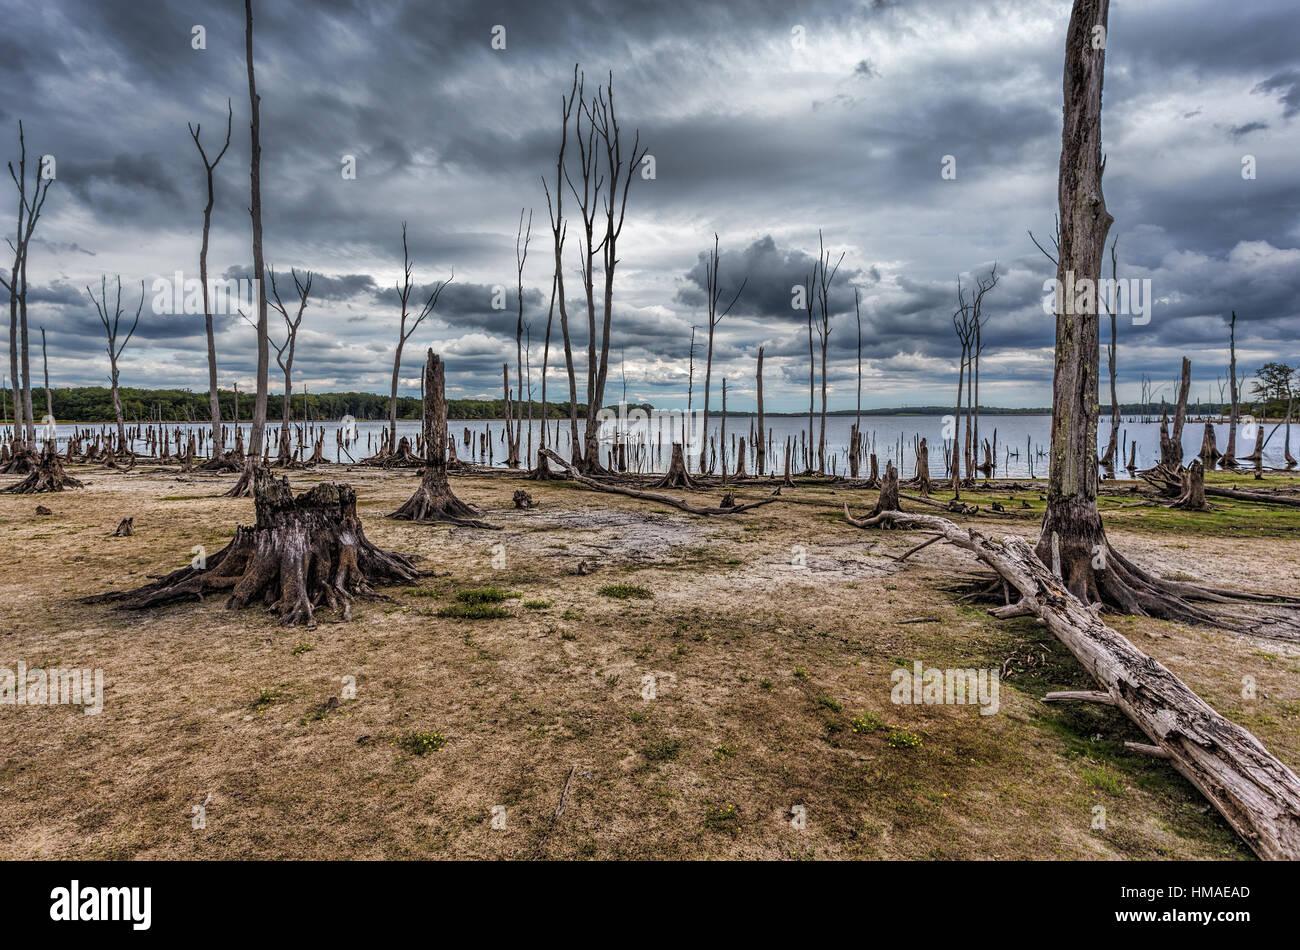 Gli alberi morti in foresta intorno ad un lago con bassi livelli di acqua. Questa foto mostra le condizioni di siccità Immagini Stock